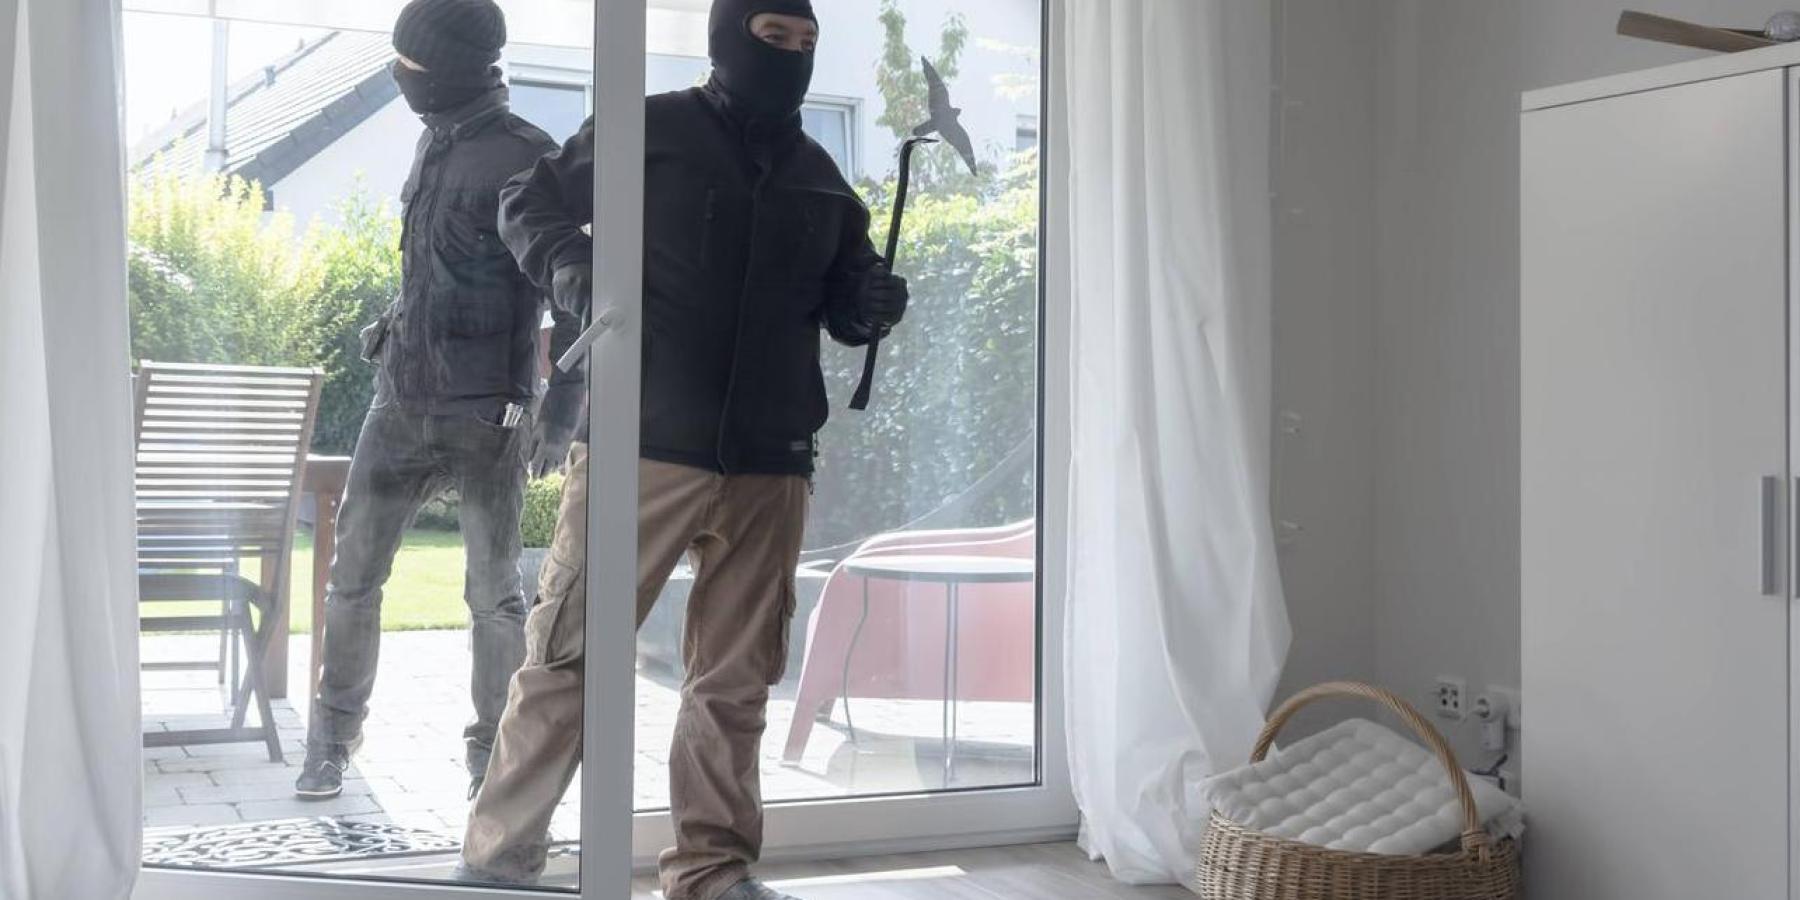 Einbrecher kommen durch den Garten und nehmen Pelzmantel mit